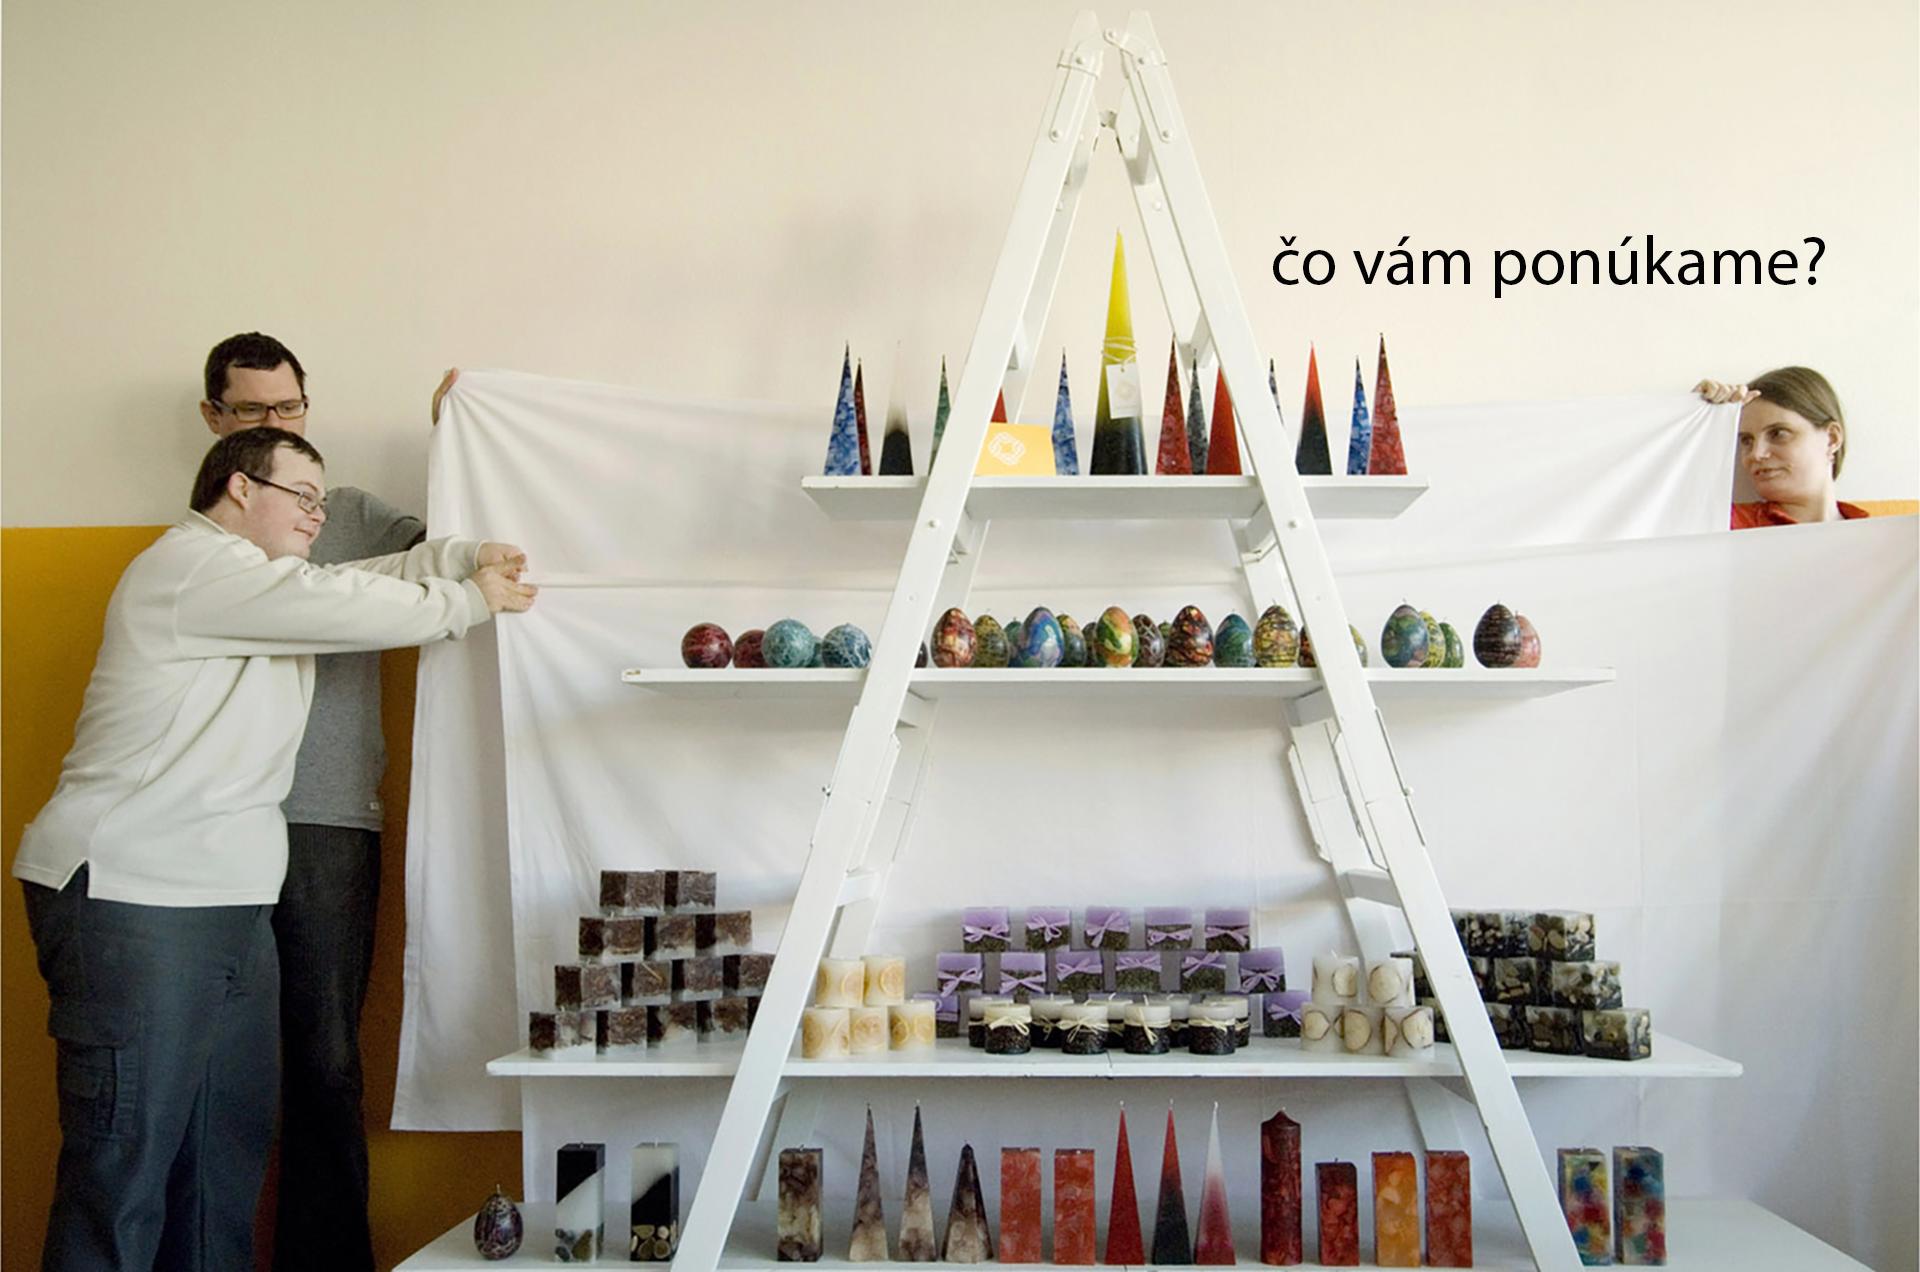 Sviečky, pohľadnice a iné produkty, ktoré ručne vytvárajú v dielňach Impulzu.